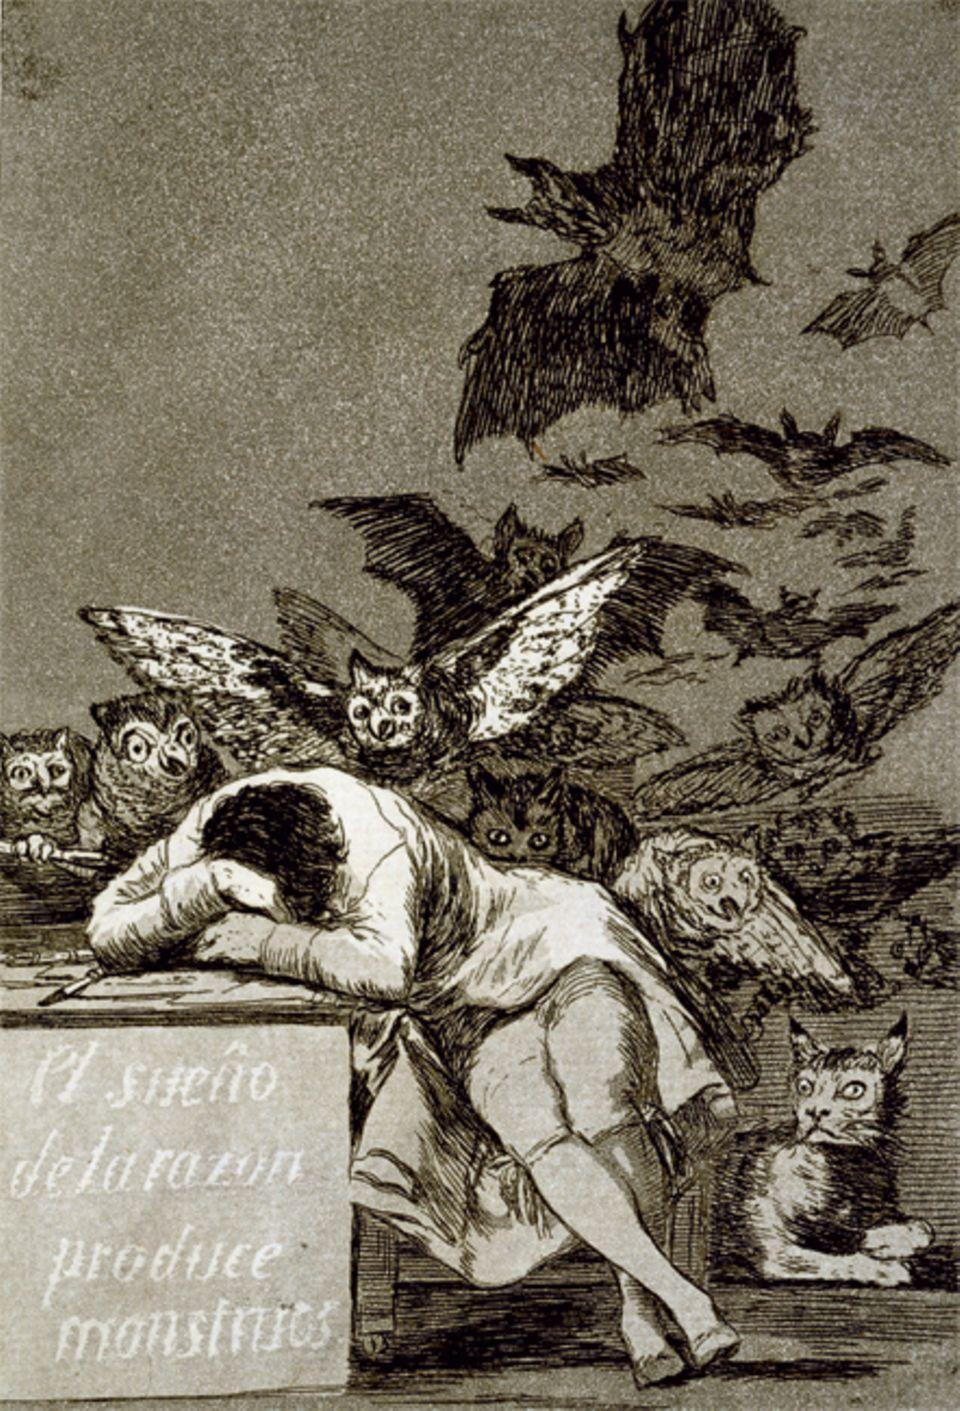 """Ein Werk und seine Geschichte: Kritik an der Vernunft? Ein düsterer Schwarm jagt aus dem Dunkel heran. Das Blatt """"Der Schlaf der Vernunft gebiert Ungeheuer"""" ist das berühmteste der Capricho-Serie und zugleich eines der rätselhaftesten. Symbolisiert es den Schrecken einer Welt ohne Vernunft - oder den Albtraum, wenn die Ratio alles beherrscht?"""